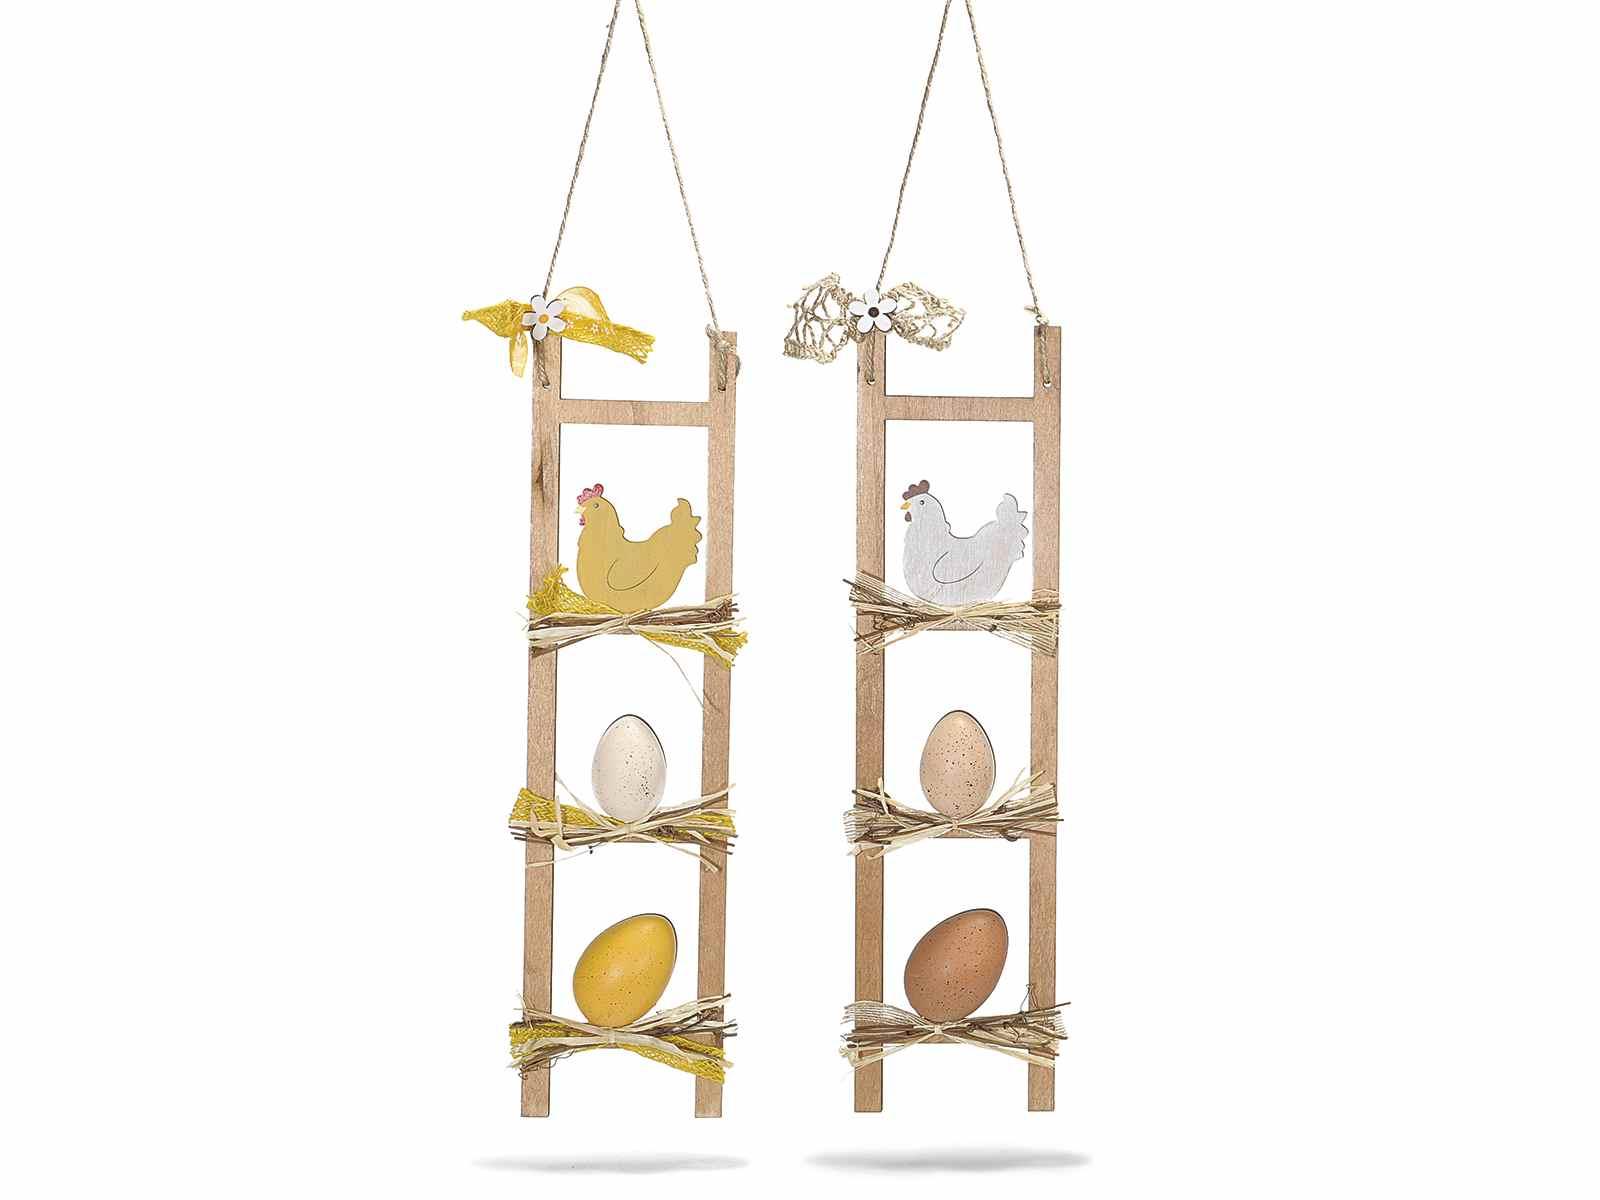 Scaletta decorativa con uova e gallina da appendere - Scala decorativa ...